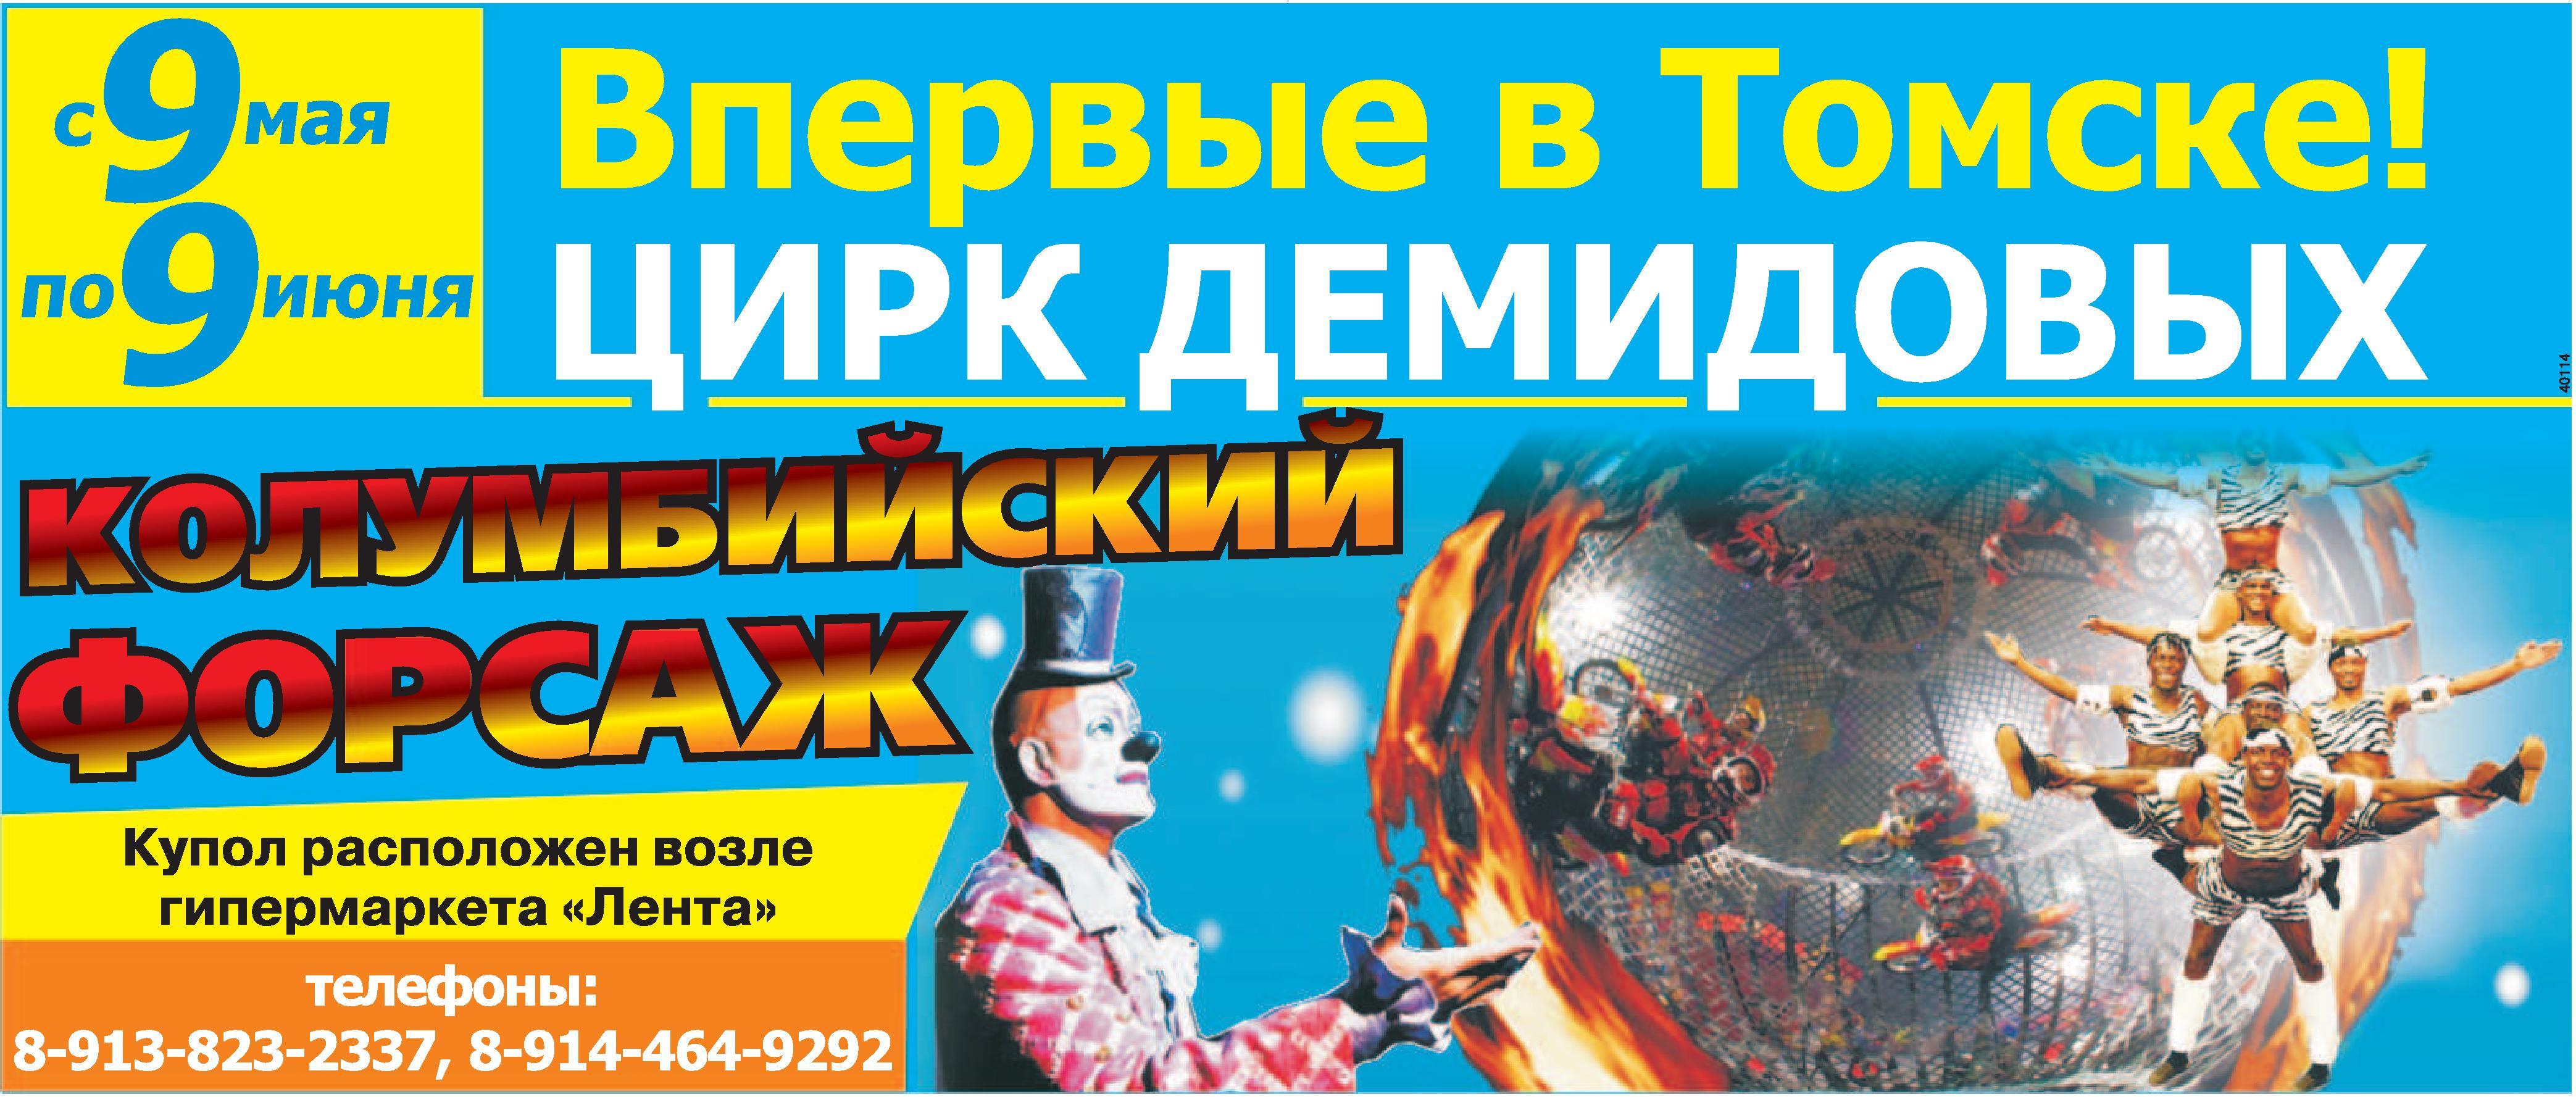 Цирк в томске с 4 октября 16 фотография